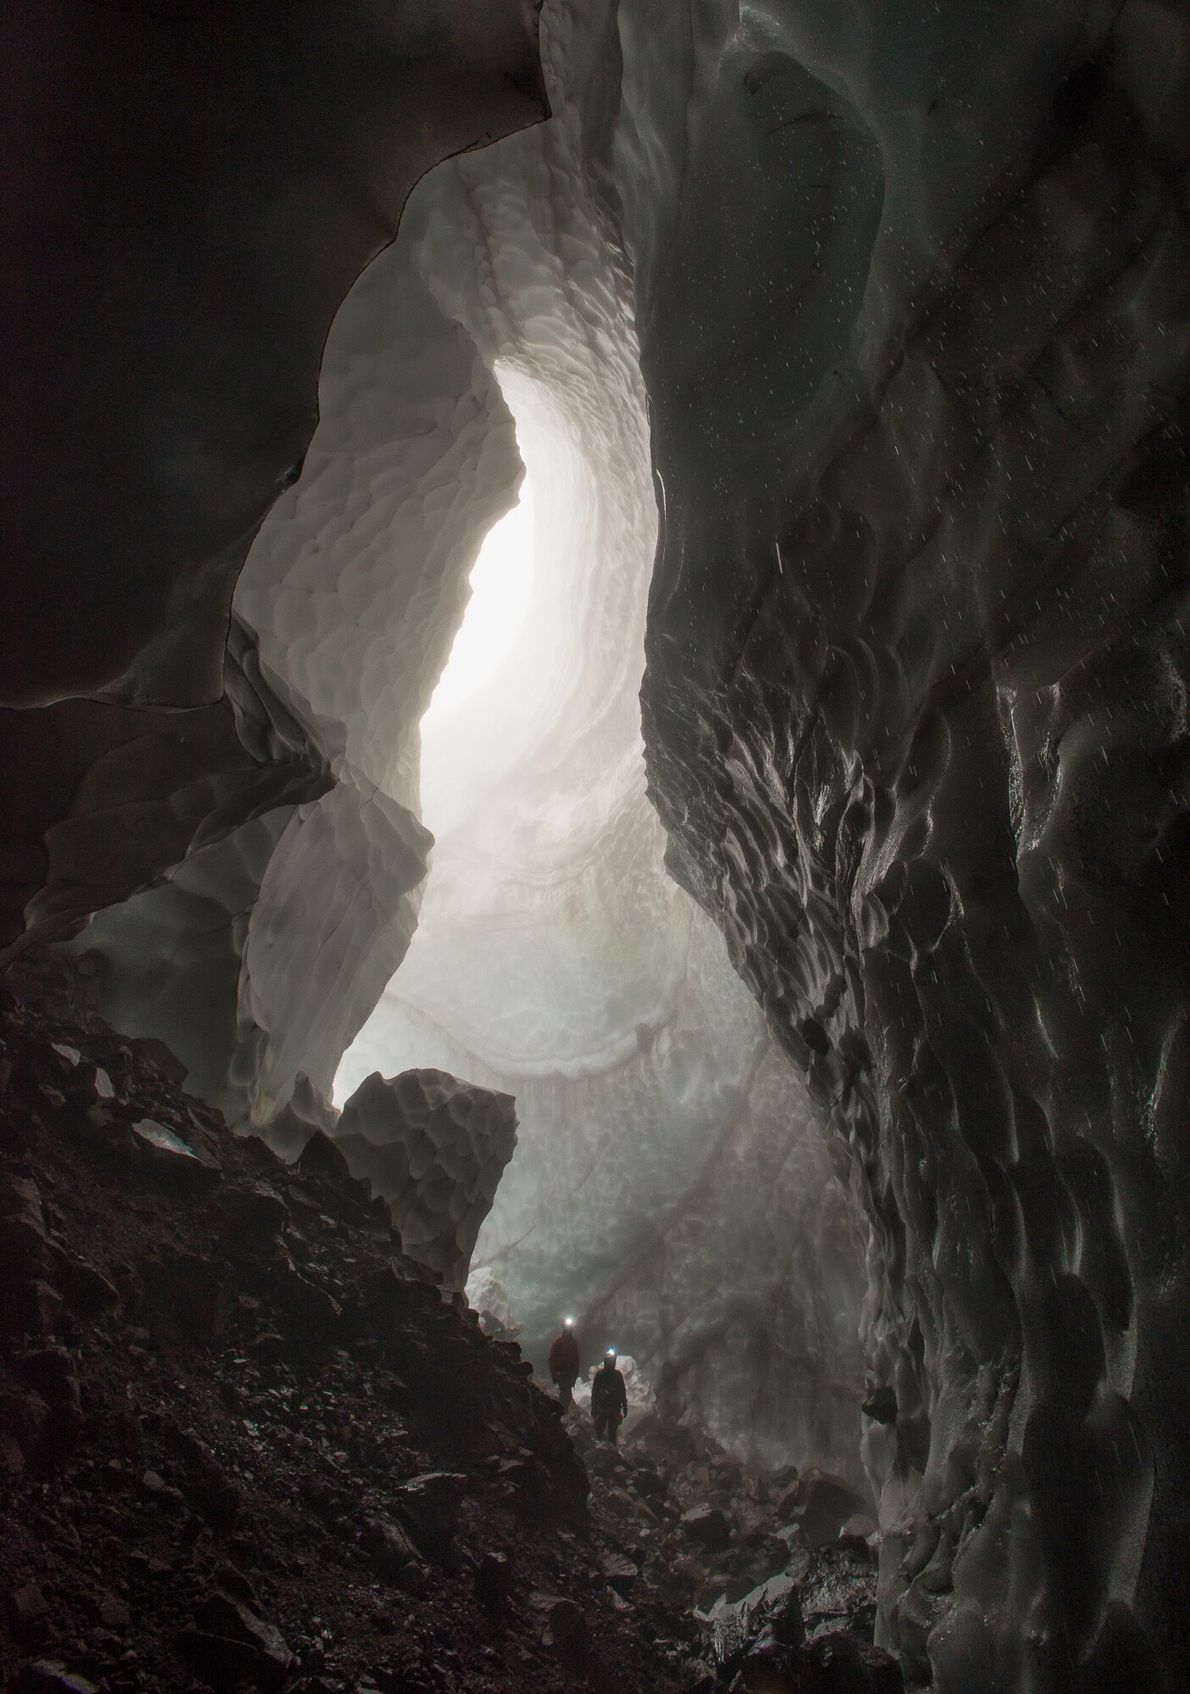 Os exploradores entram na Caverna Godzilla após ela ter sido notada pela primeira vez no verão ...